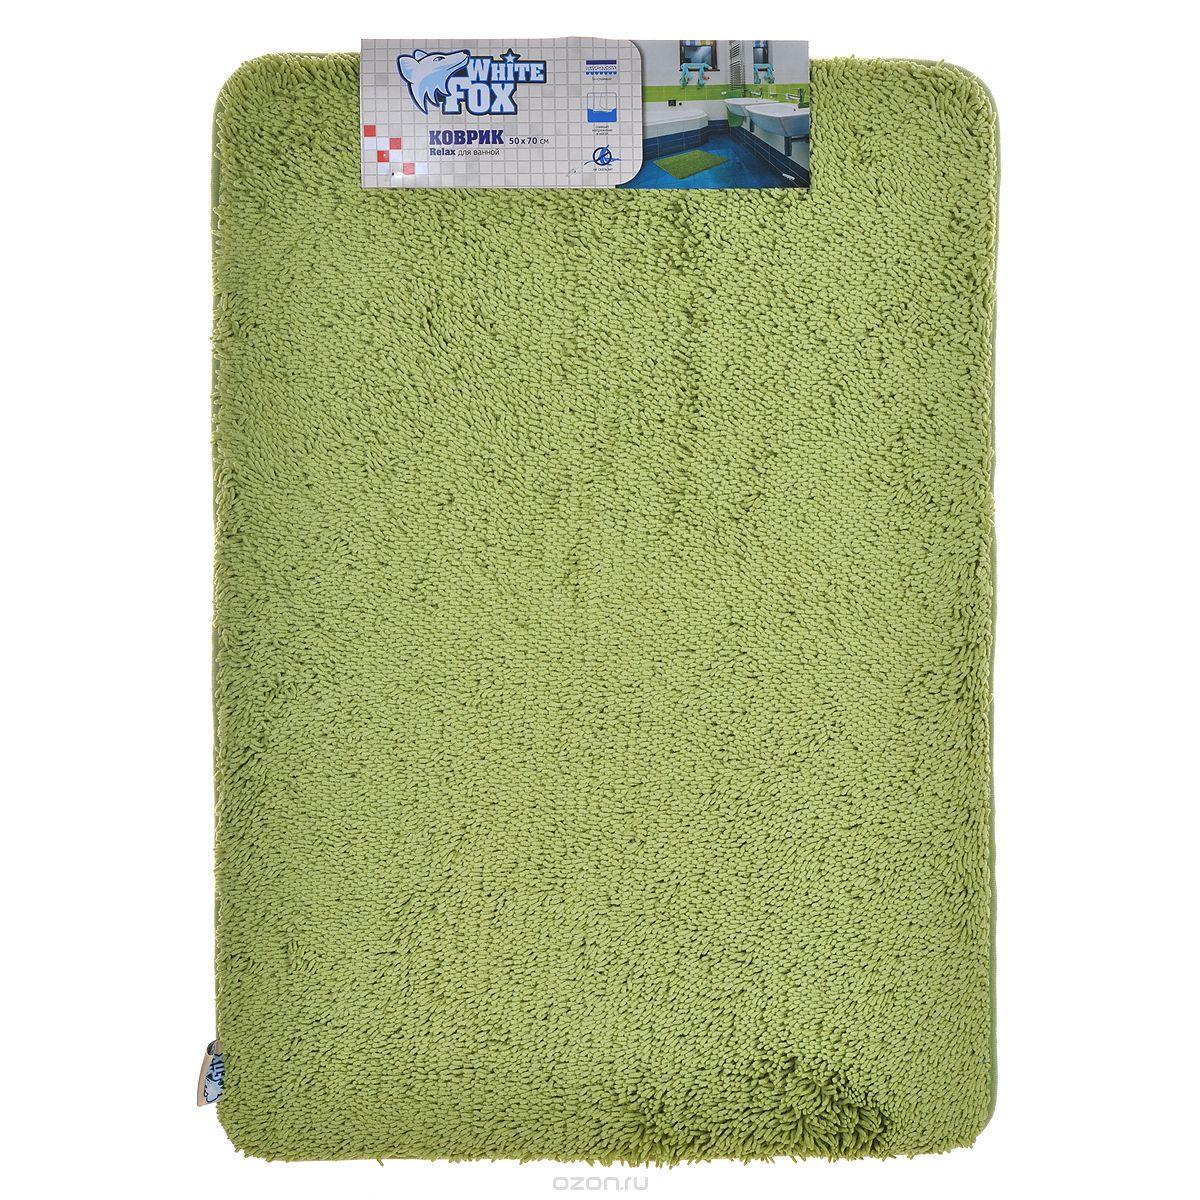 Коврик для ванной White Fox Relax. Газон, цвет: зеленый, 50 х 70 смWBBM20-138Коврик для ванной White Fox Relax. Газон подарит настоящий комфорт до и после принятия водных процедур. Коврик состоит из трех слоев: - верхний флисовый слой прекрасно дышит, благодаря чему коврик быстро высыхает; - основной слой выполнен из специального вспененного материала, который точно повторяет рельеф стопы, создает комфорт и полностью восстанавливает первоначальную форму; - нижний резиновый слой препятствует скольжению коврика на влажном полу. Коврик White Fox Relax. Газон равномерно распределяет нагрузку на всю поверхность стопы, снимая напряжение и усталость в ногах. Рекомендации по уходу: - ручная стирка; - не отбеливать; - не гладить; - можно подвергать химчистке; - деликатные отжим и сушка.